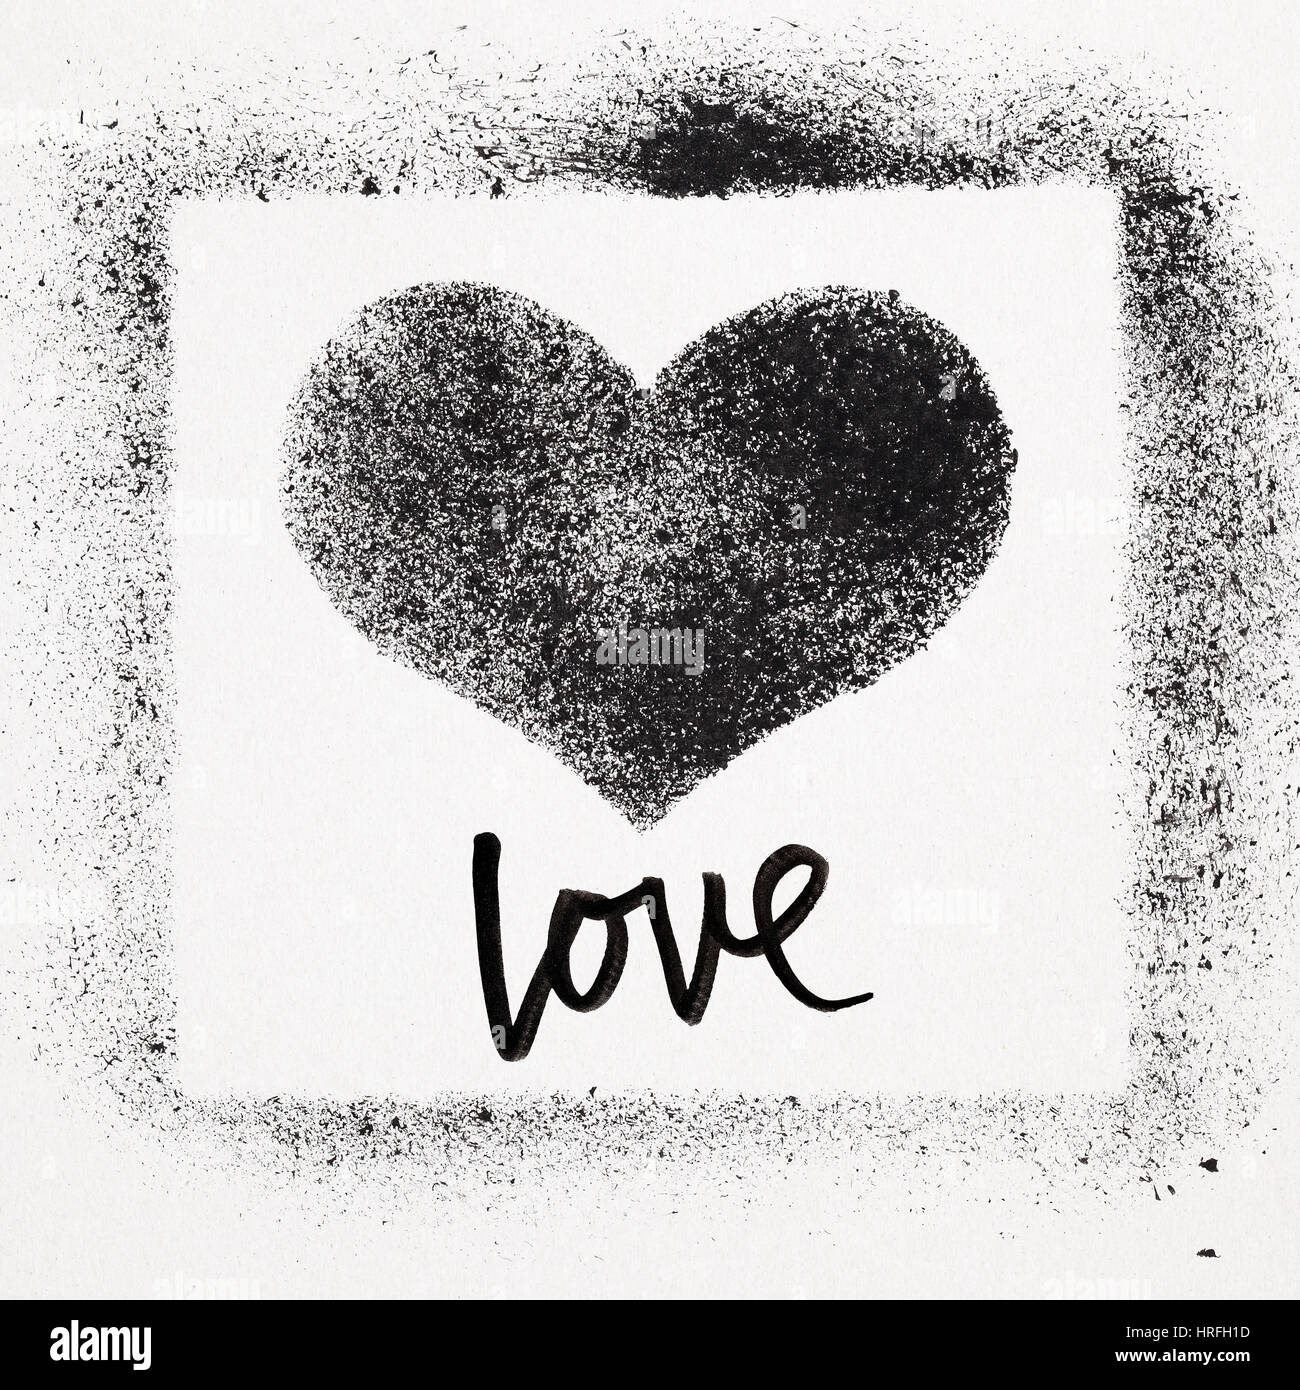 Liebe - Grunge Schablone Herzen. Street-Art Stil Valentines Karte ...